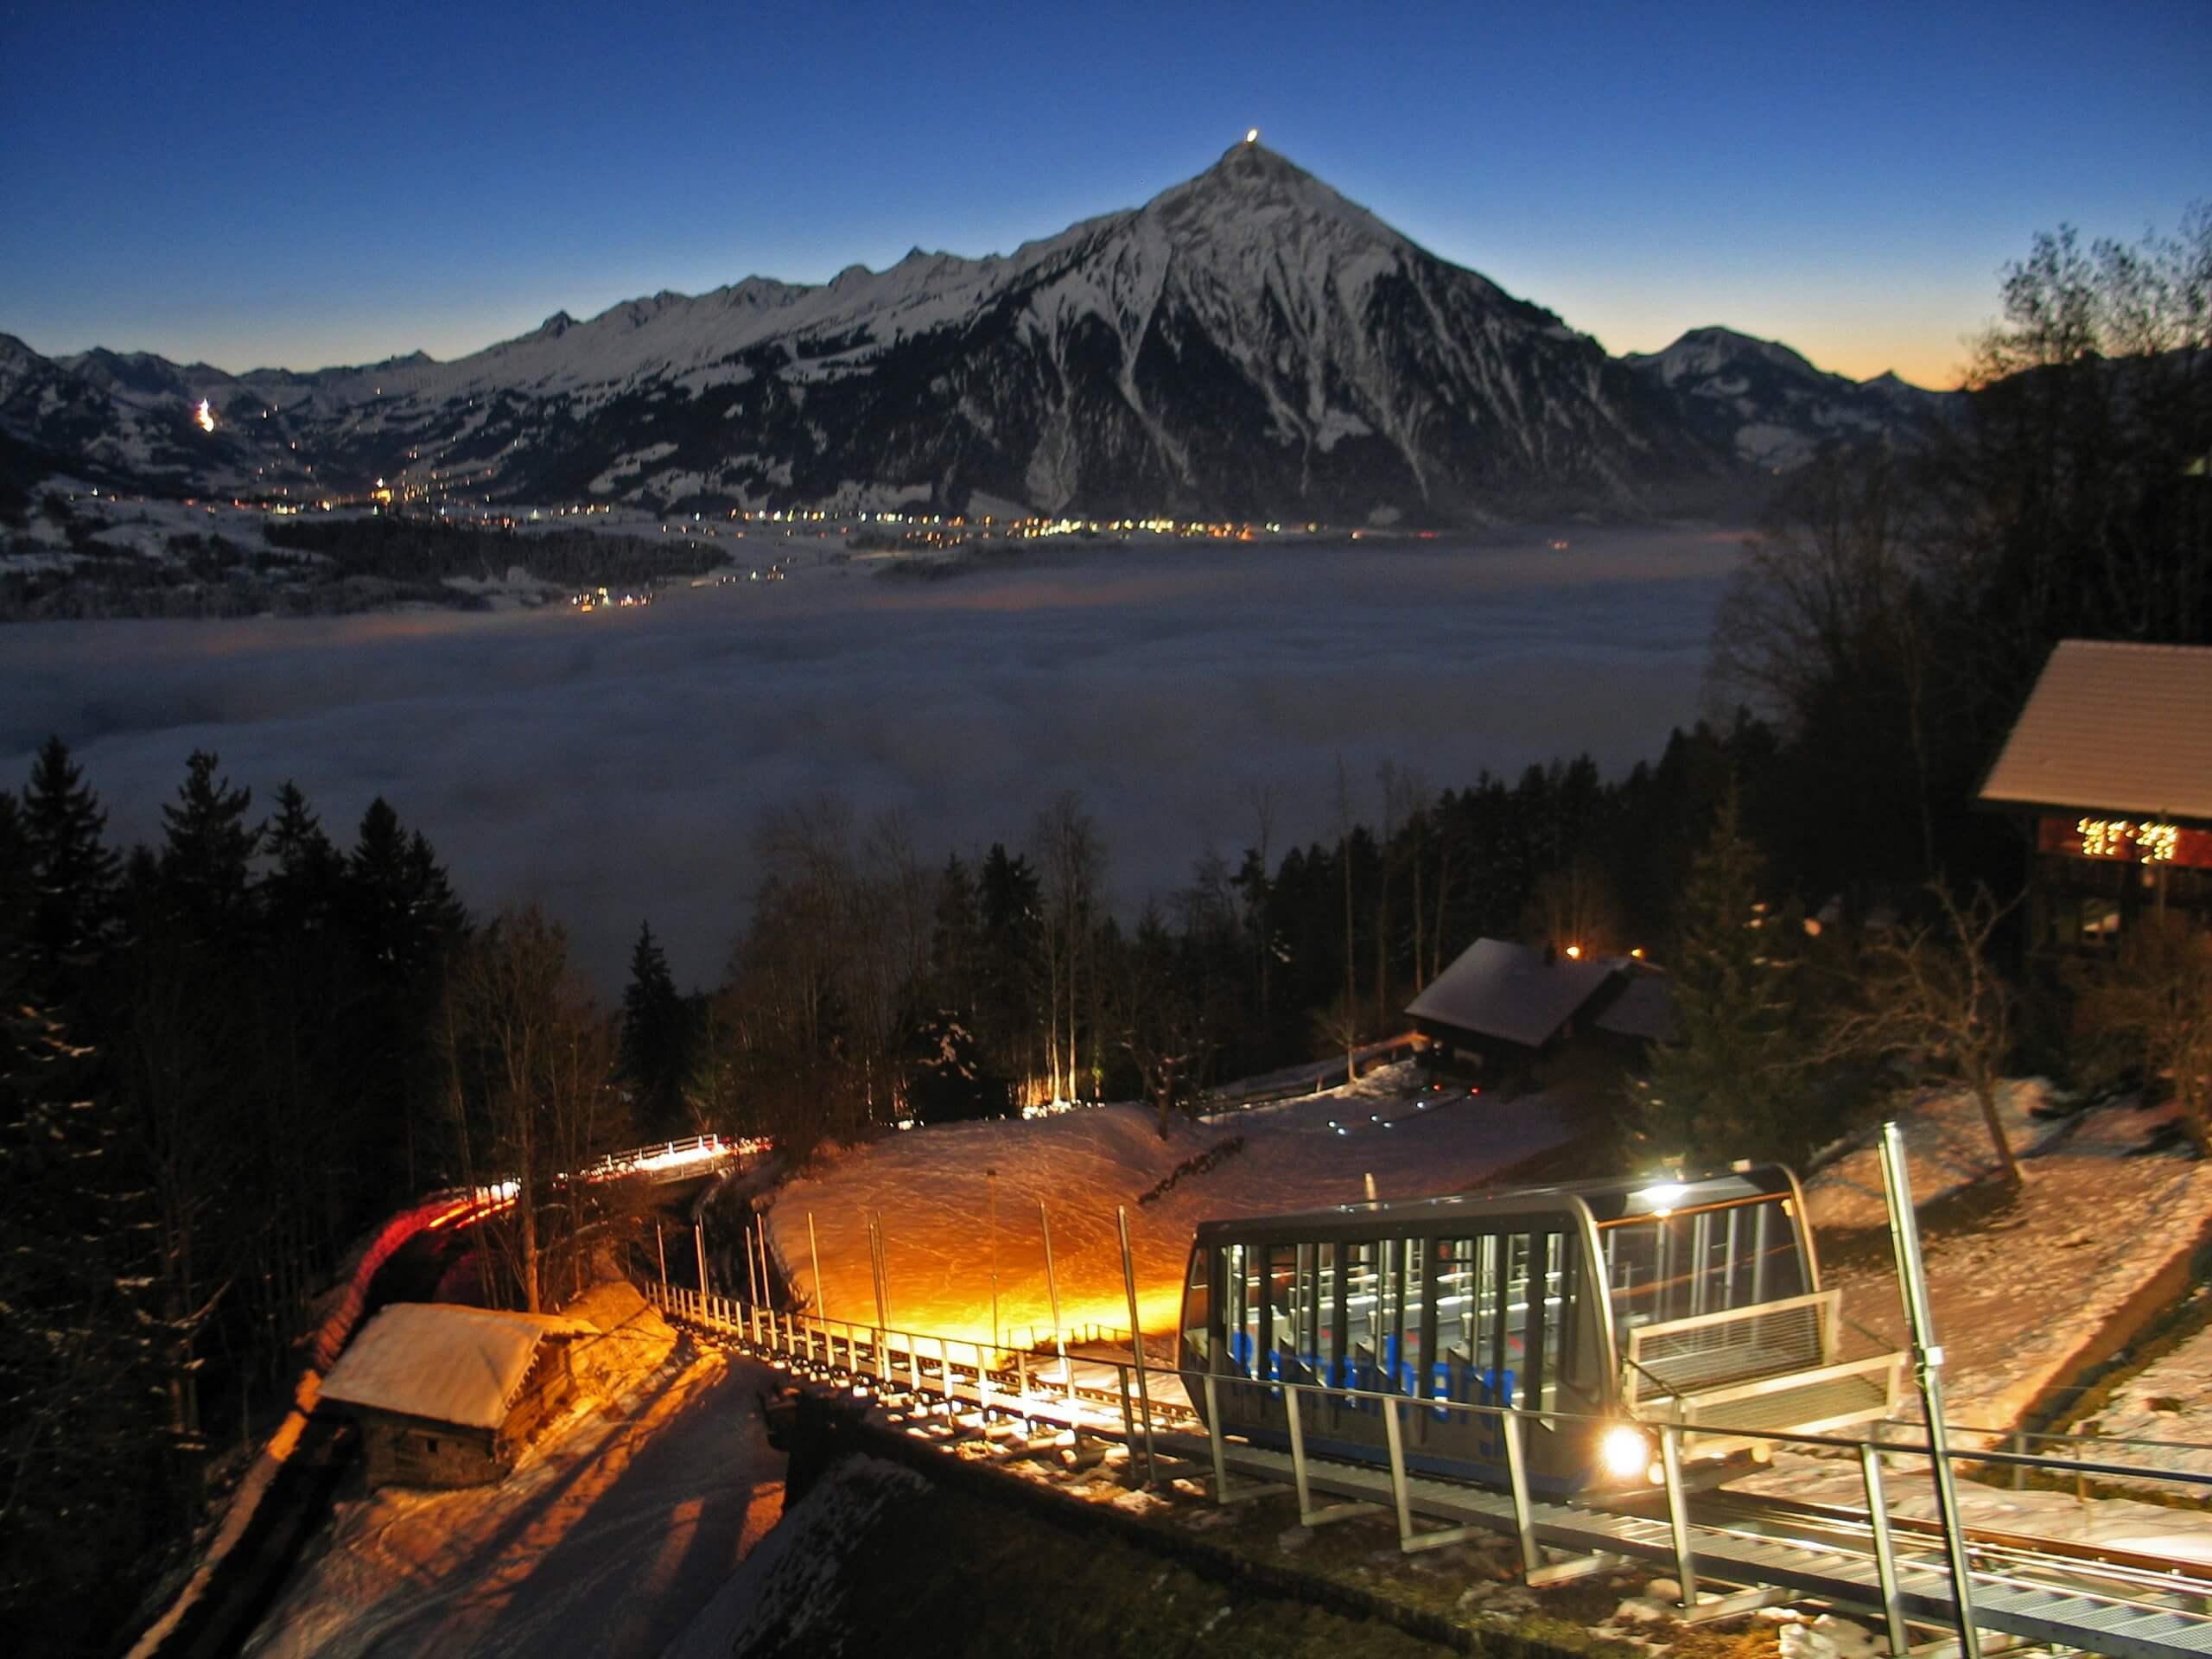 niederhorn-schlitteln-winter-nacht-beatenbucht-niesen-nebelmeer